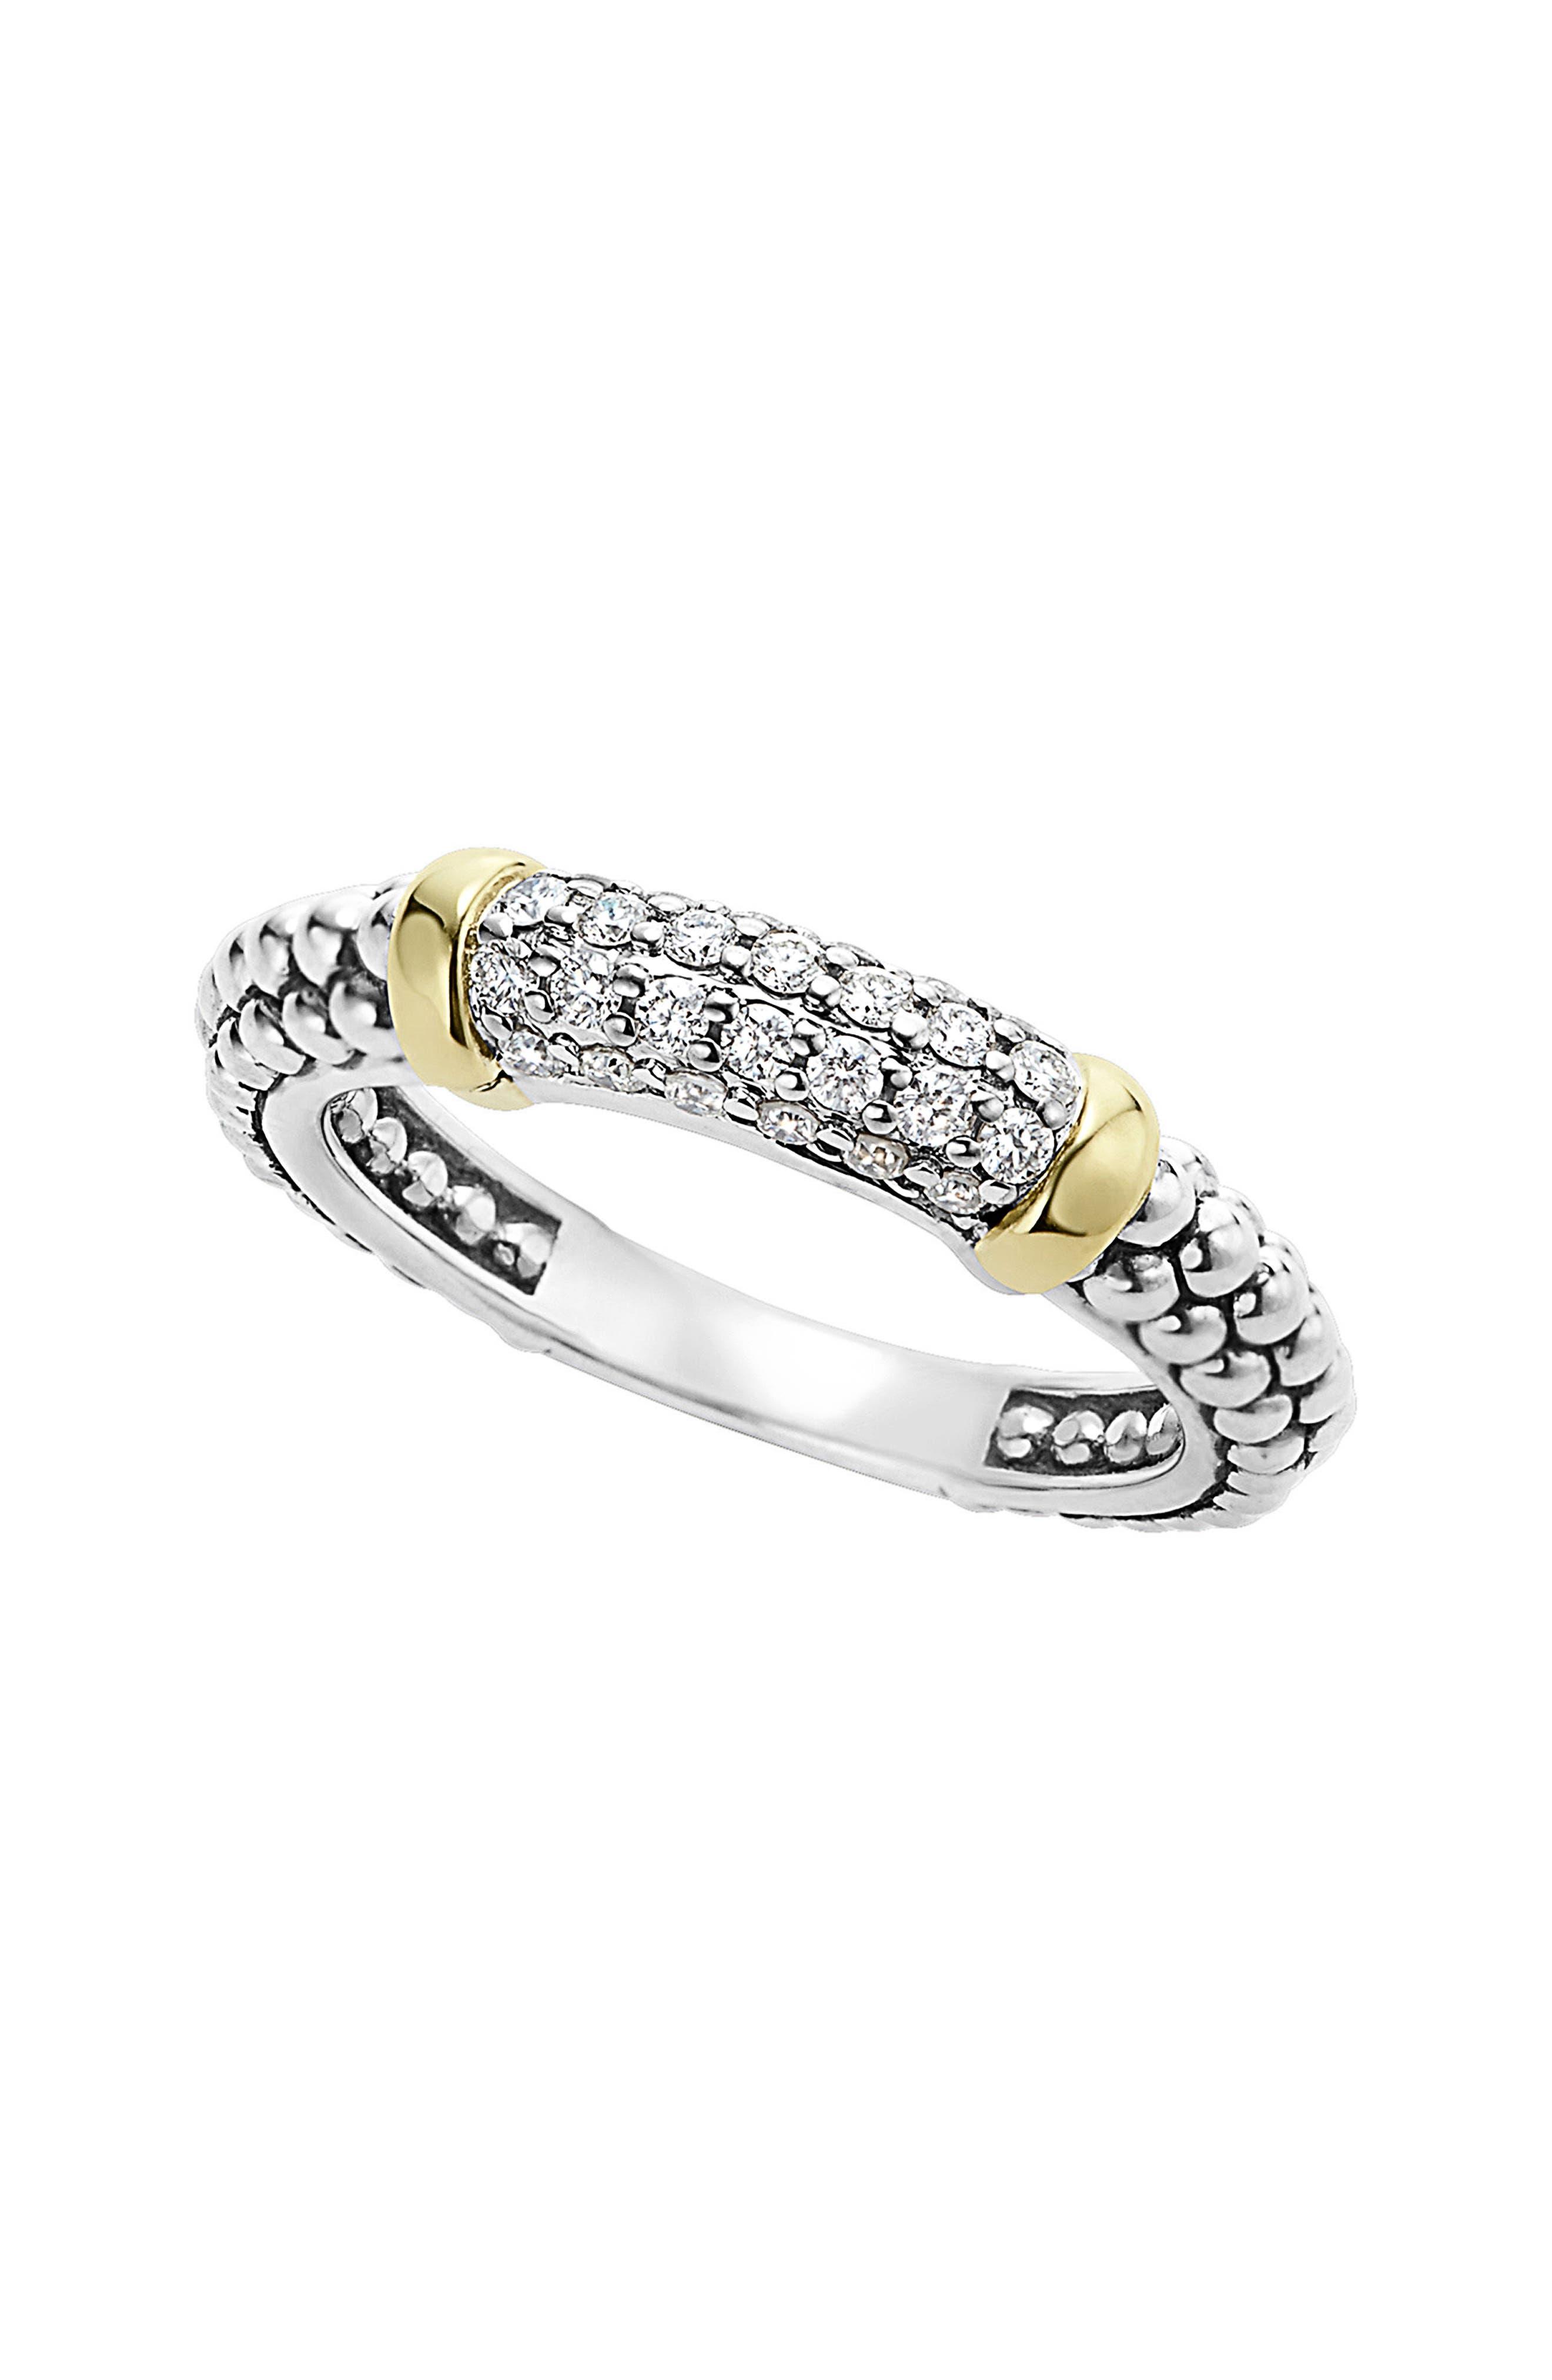 LAGOS 'Caviar' Diamond Band Ring